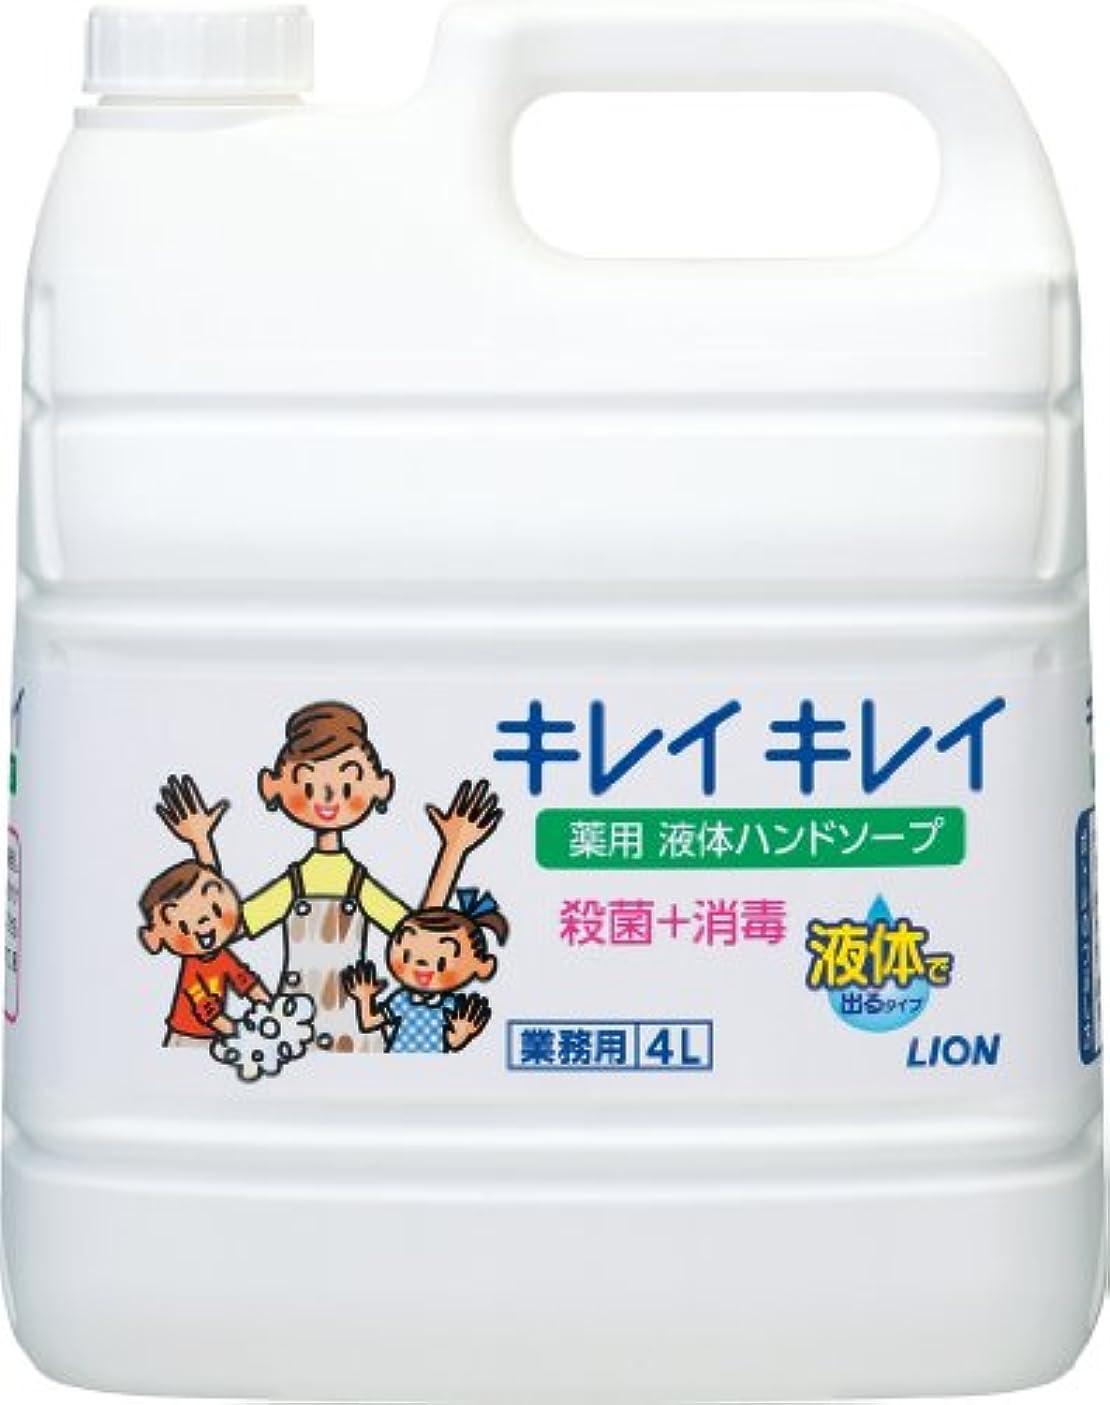 スマッシュもちろん頭【業務用 大容量】キレイキレイ 薬用 ハンドソープ  4L(医薬部外品)